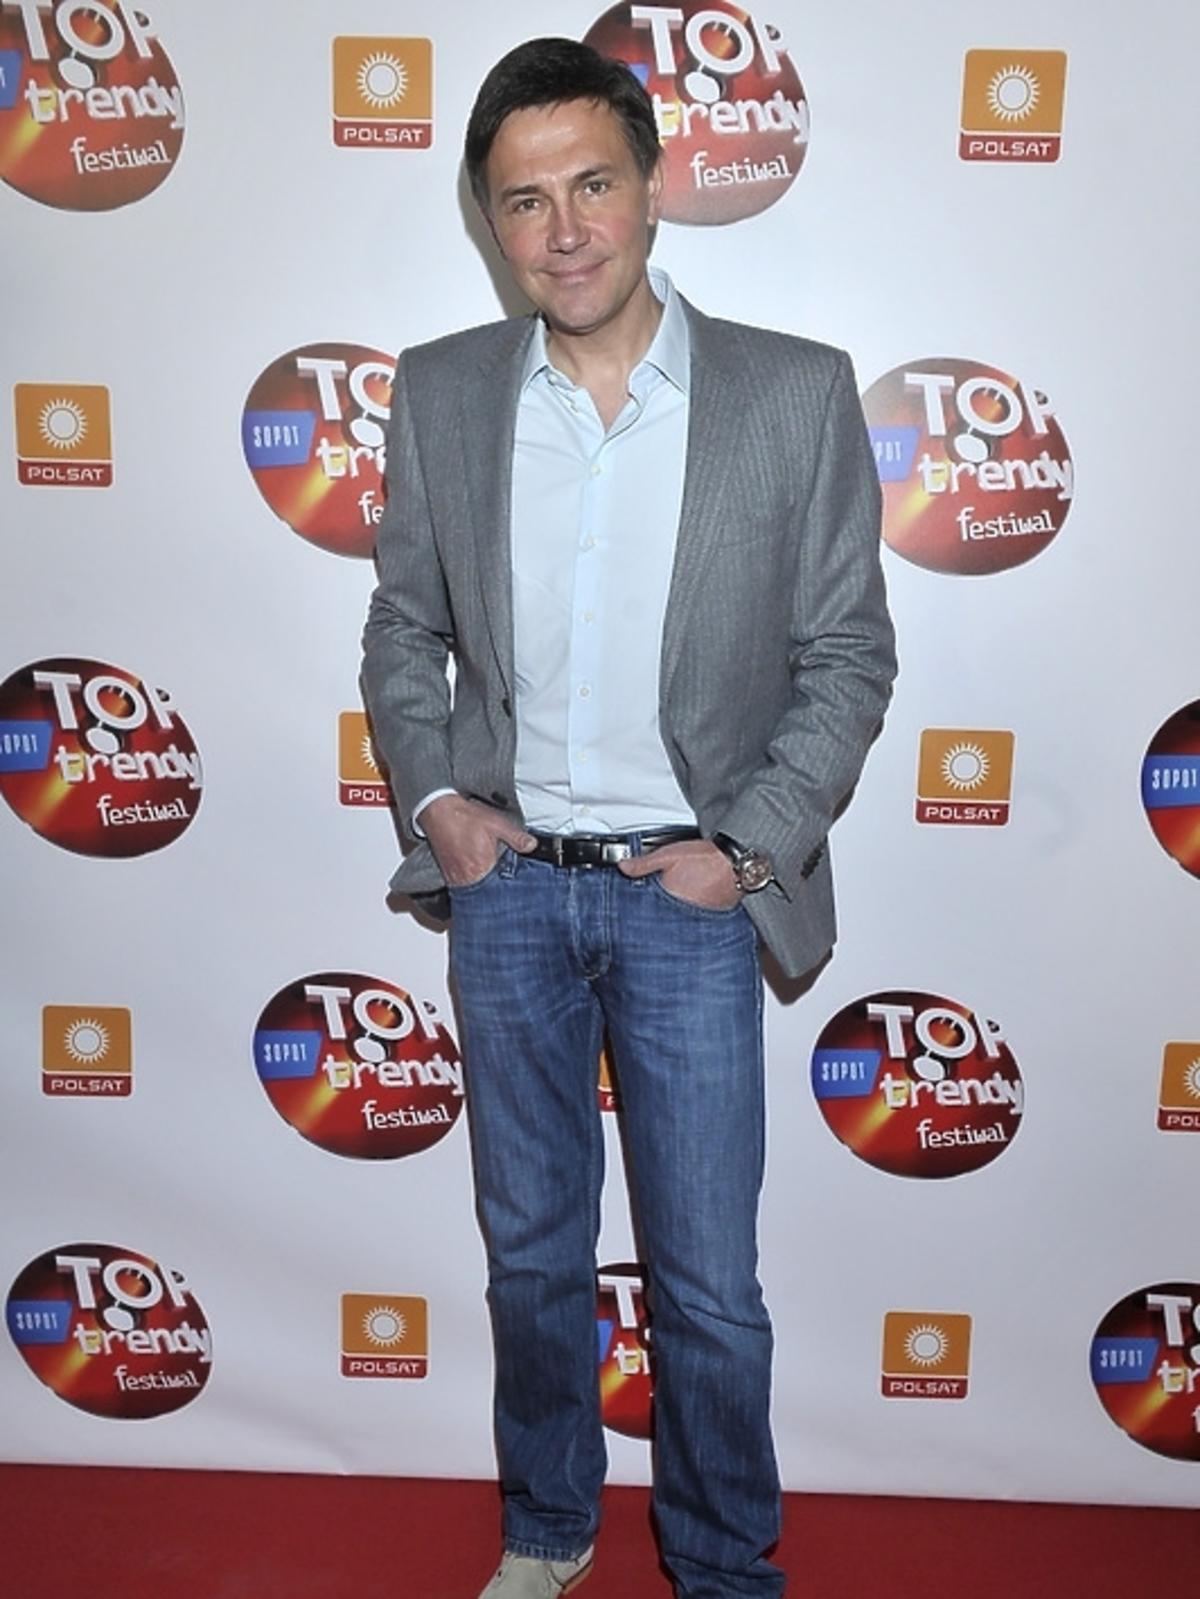 Krzysztof Ibisz na konferencji Top Trendy 2013